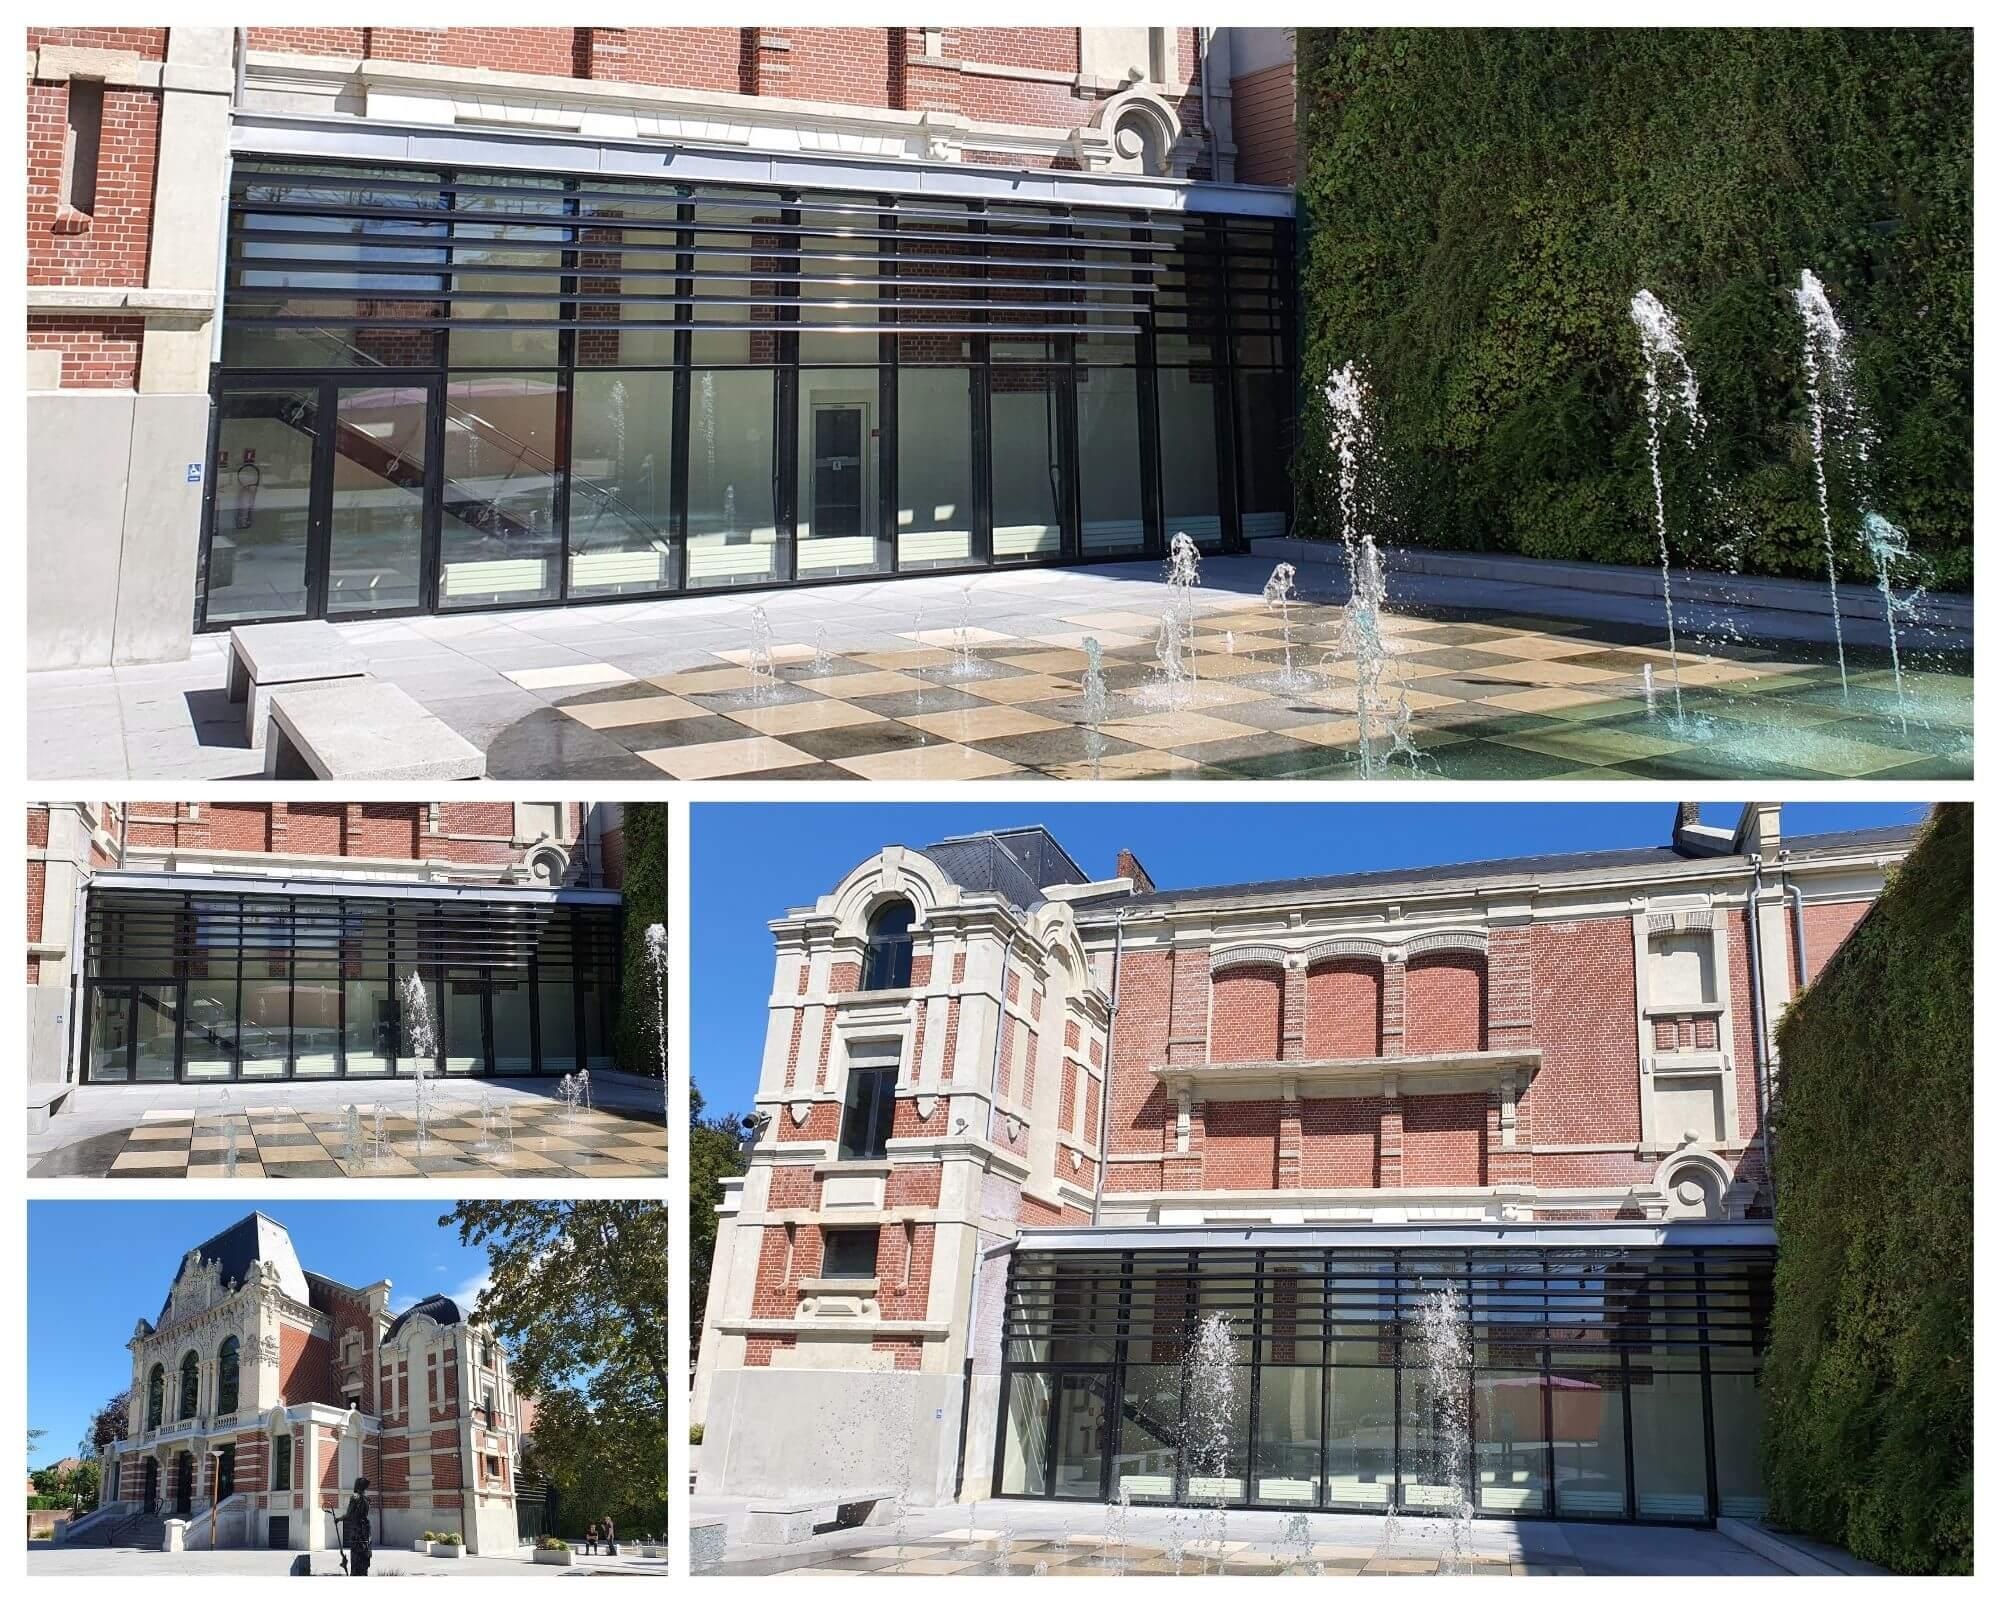 Legrand Menuiserie aluminium - Projet théâtre de Saint-Amand-les-Eaux